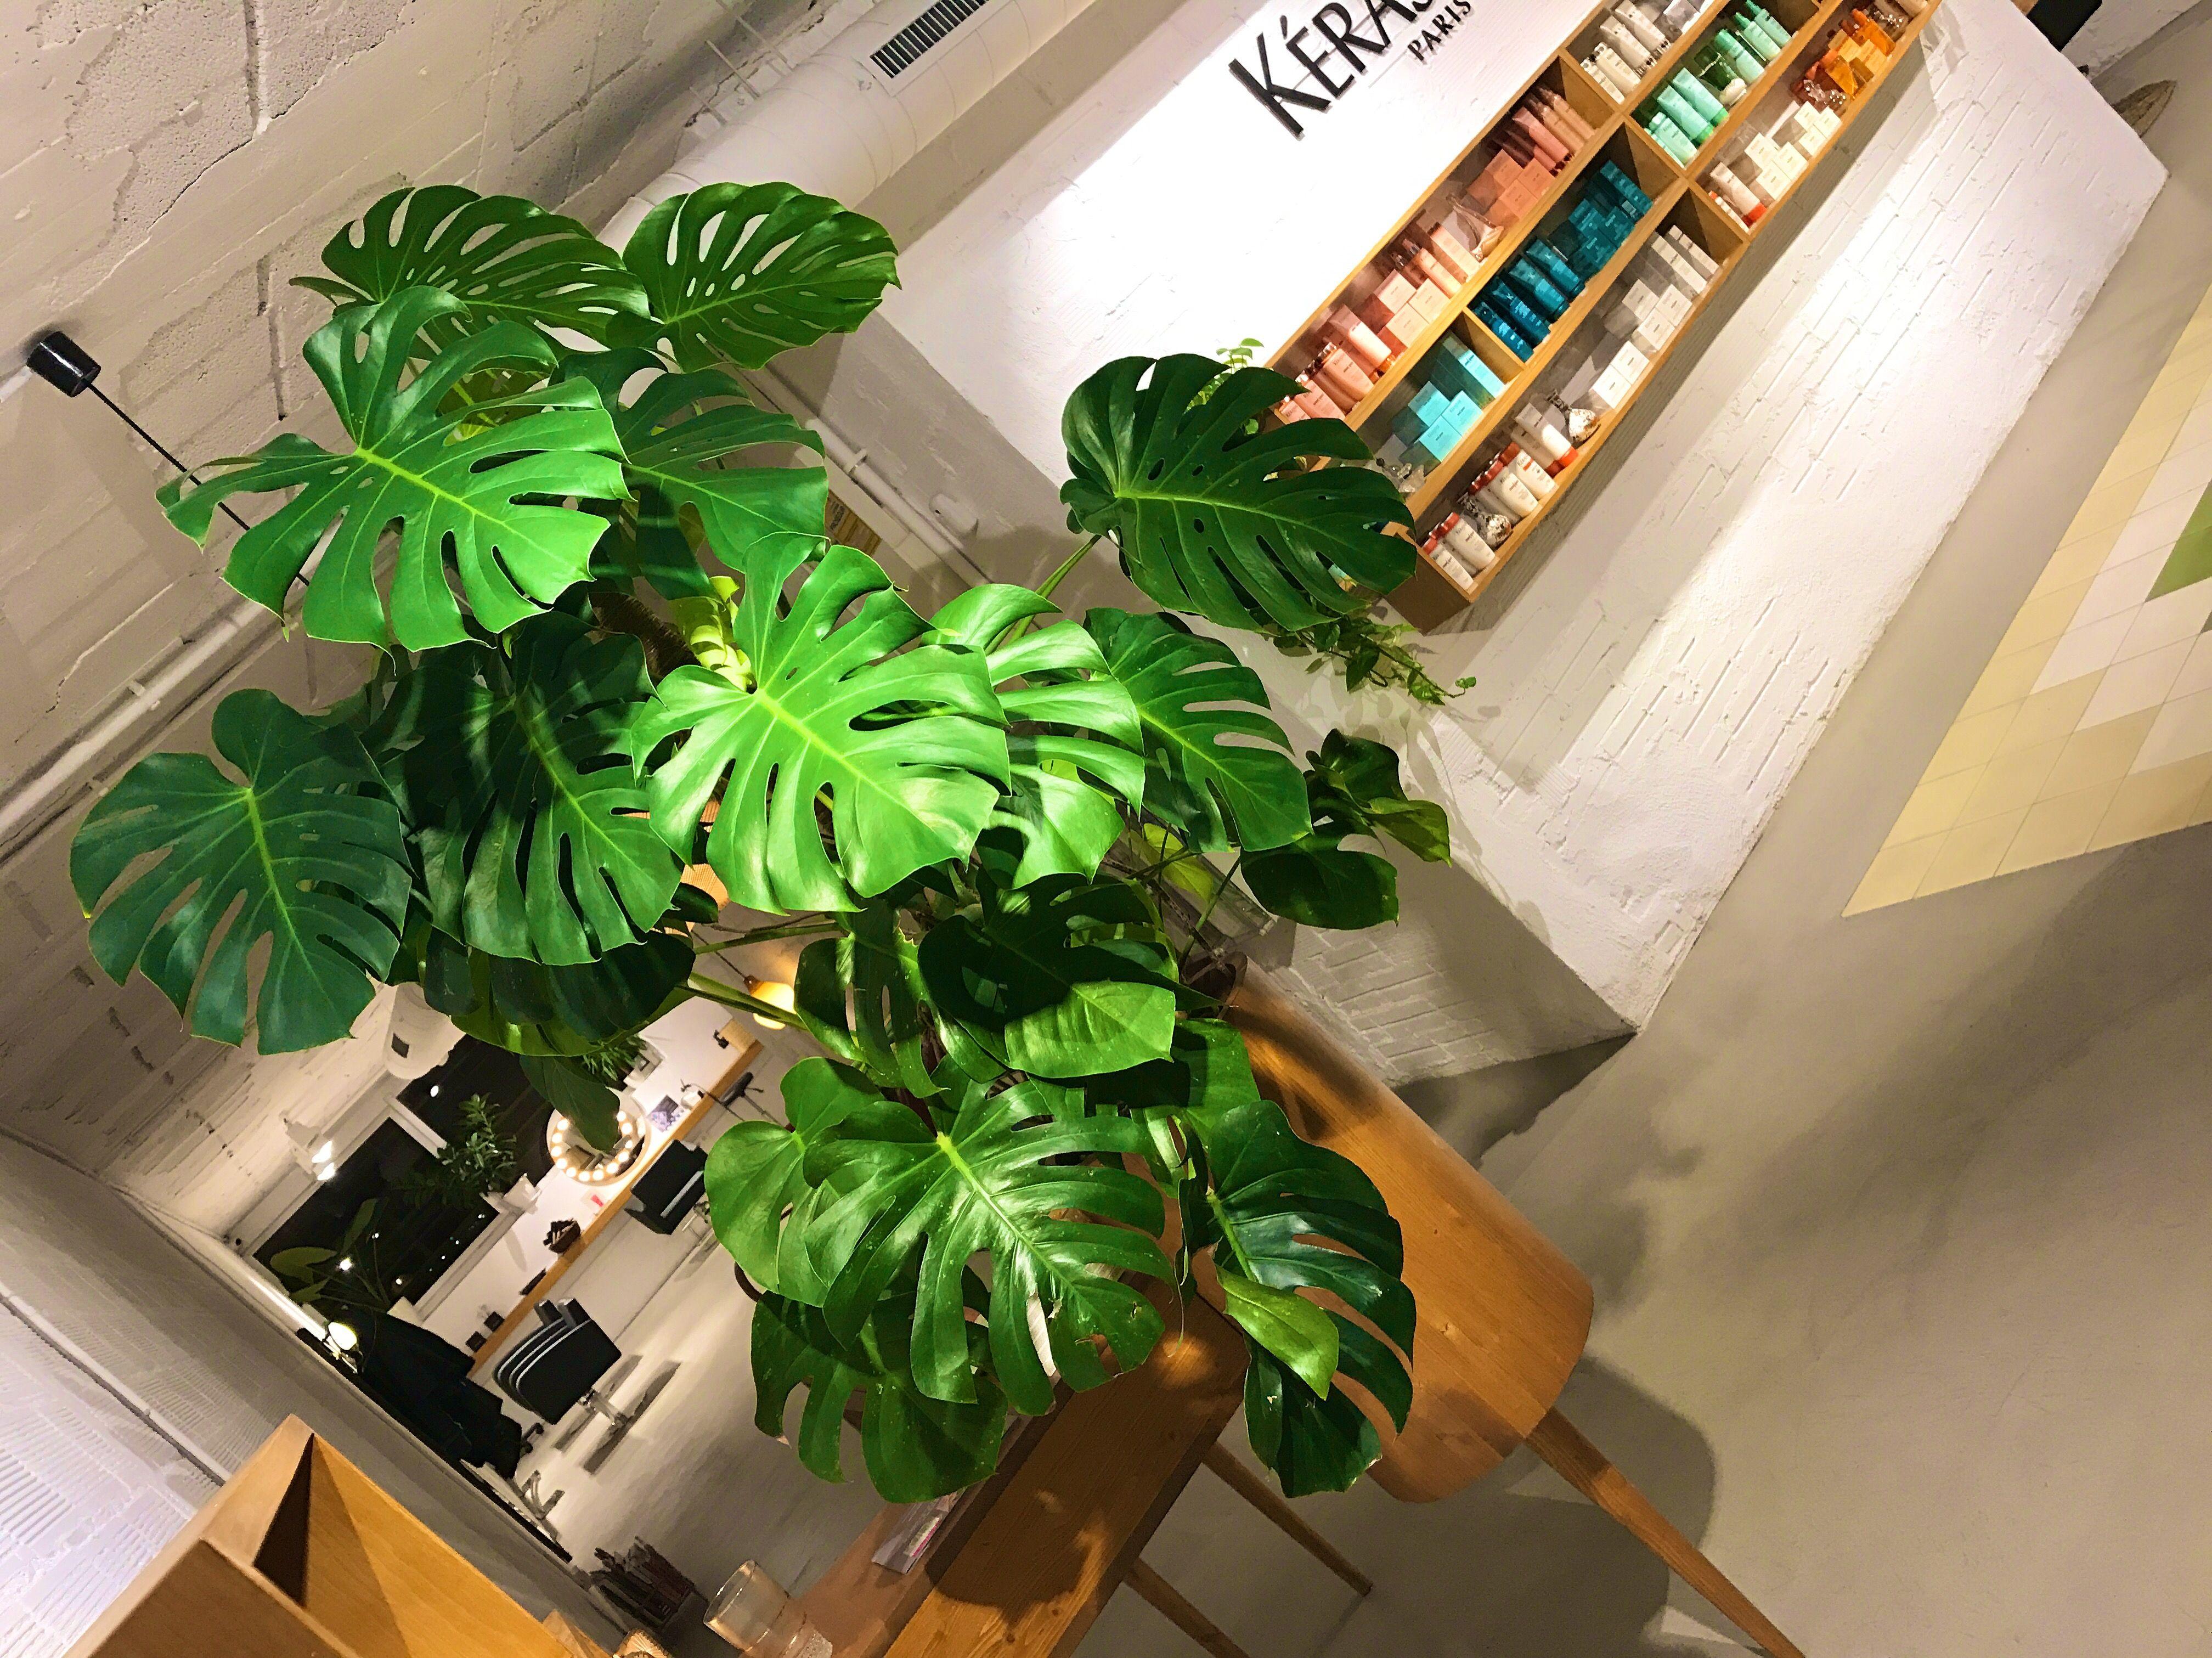 Tropical welcoming! Porque una bienvenida con plantas siempre es una mejor bienvenida 💚 ☘️#barcelona #bcn #reception #welcoming #vintage #vintagestyle #style #barcelonainspira #cool #fashion #fashionblogger #original #plants #plantas #plantes #madera #wood #artesanal #hairsalon #hairsalons #peluqueria #perruqueria